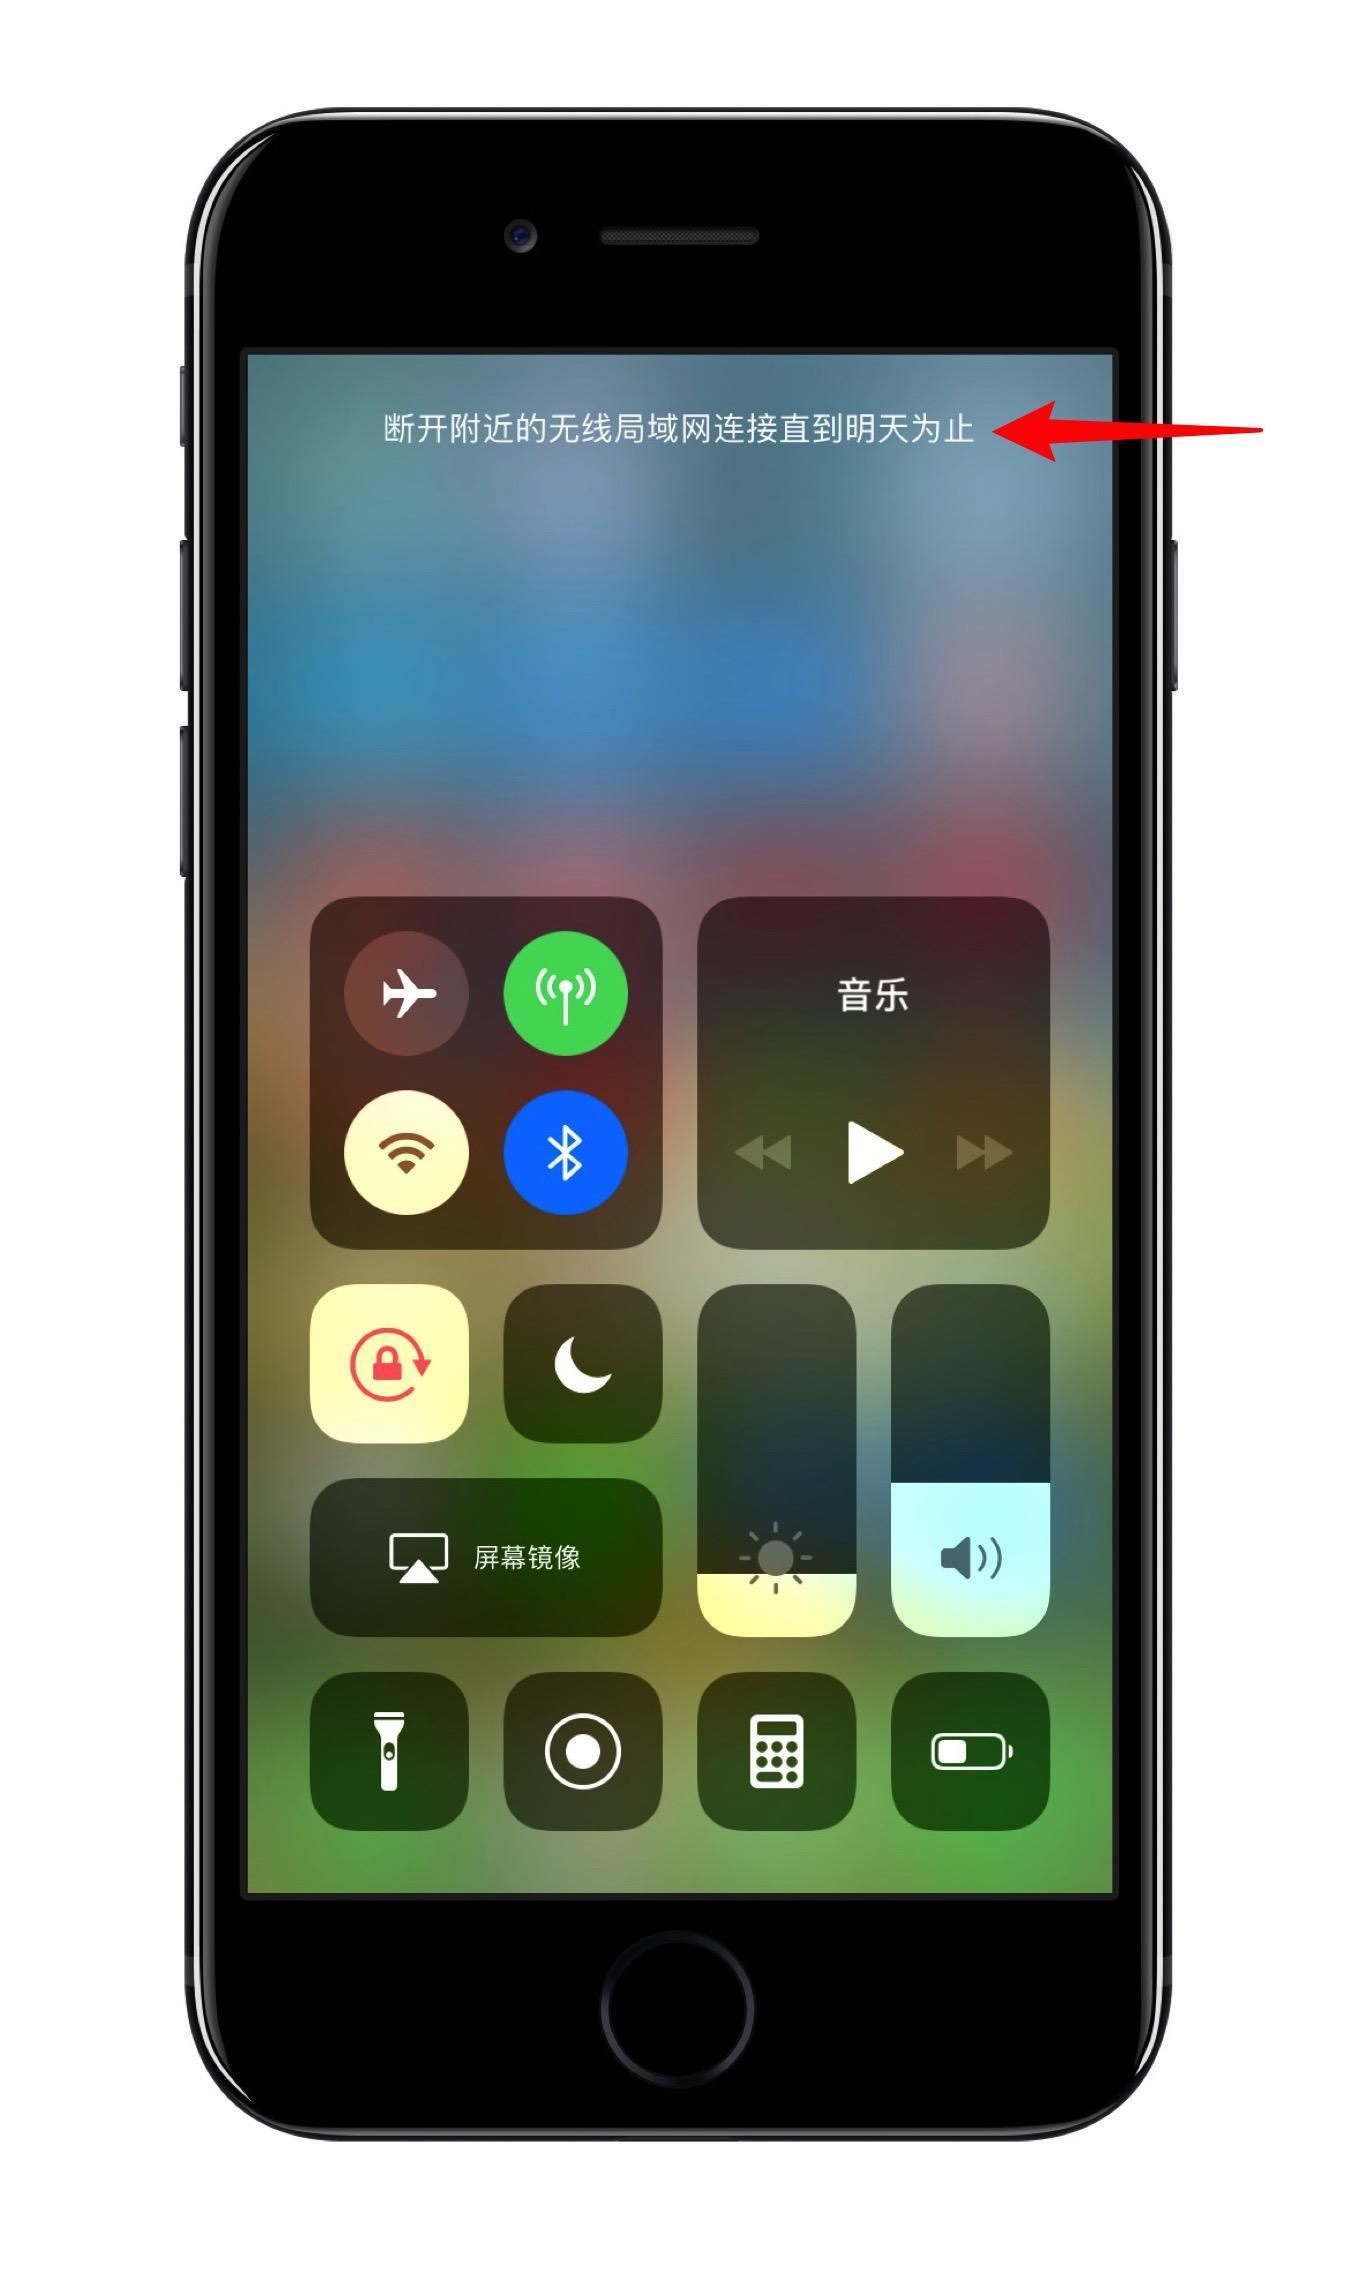 48个音标中文谐音图片